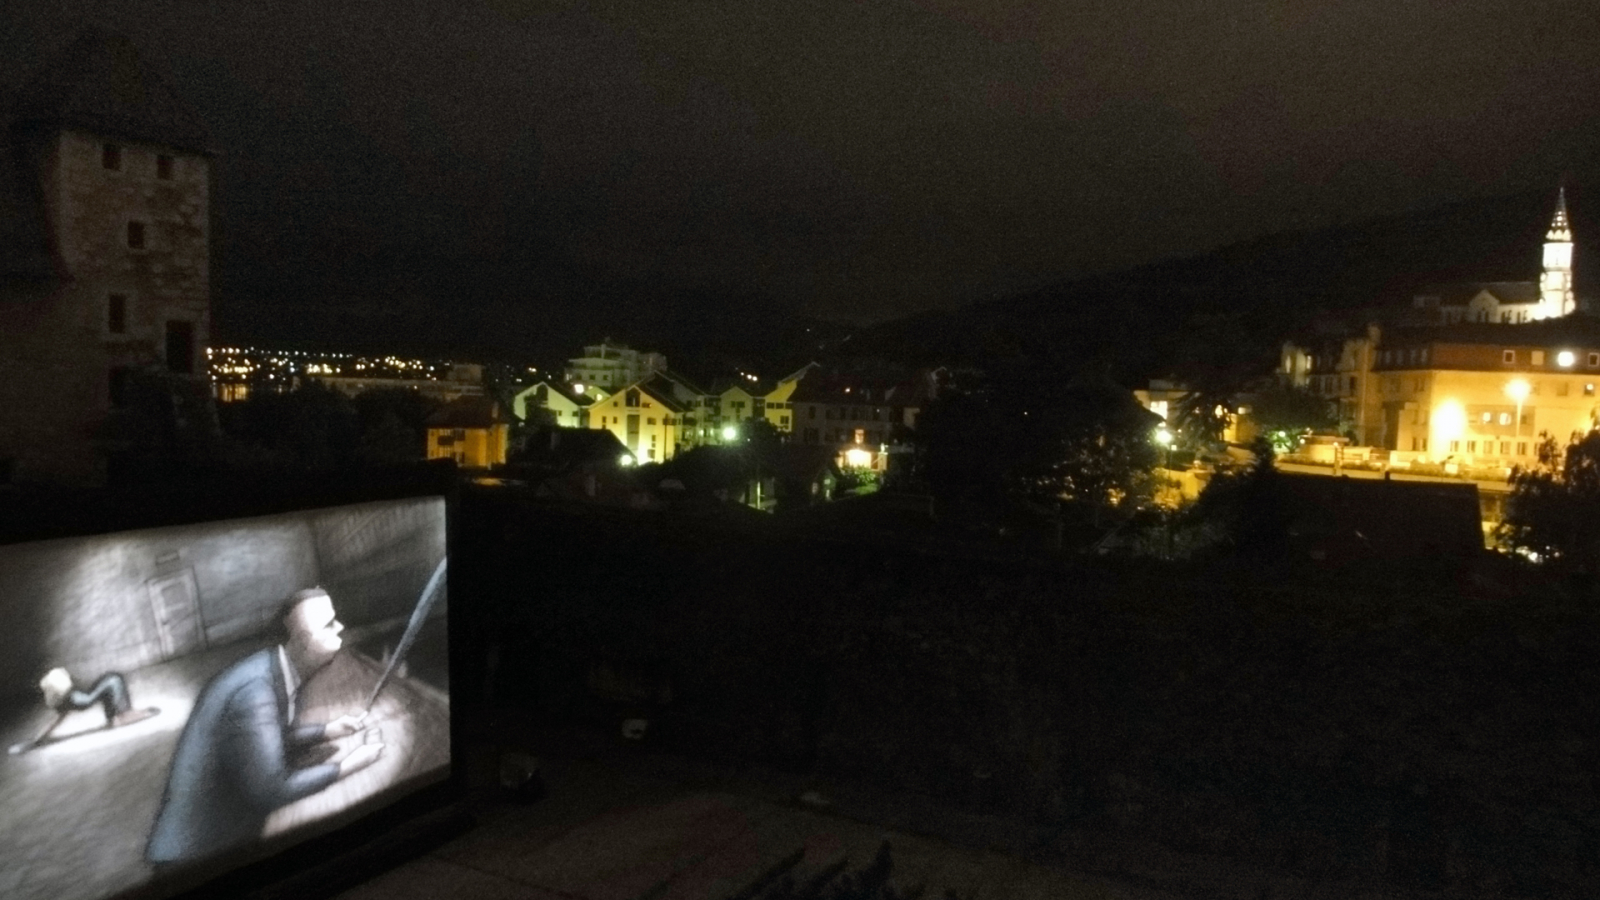 Ambiance événement : projection lors du Festival International du Film d'Animation